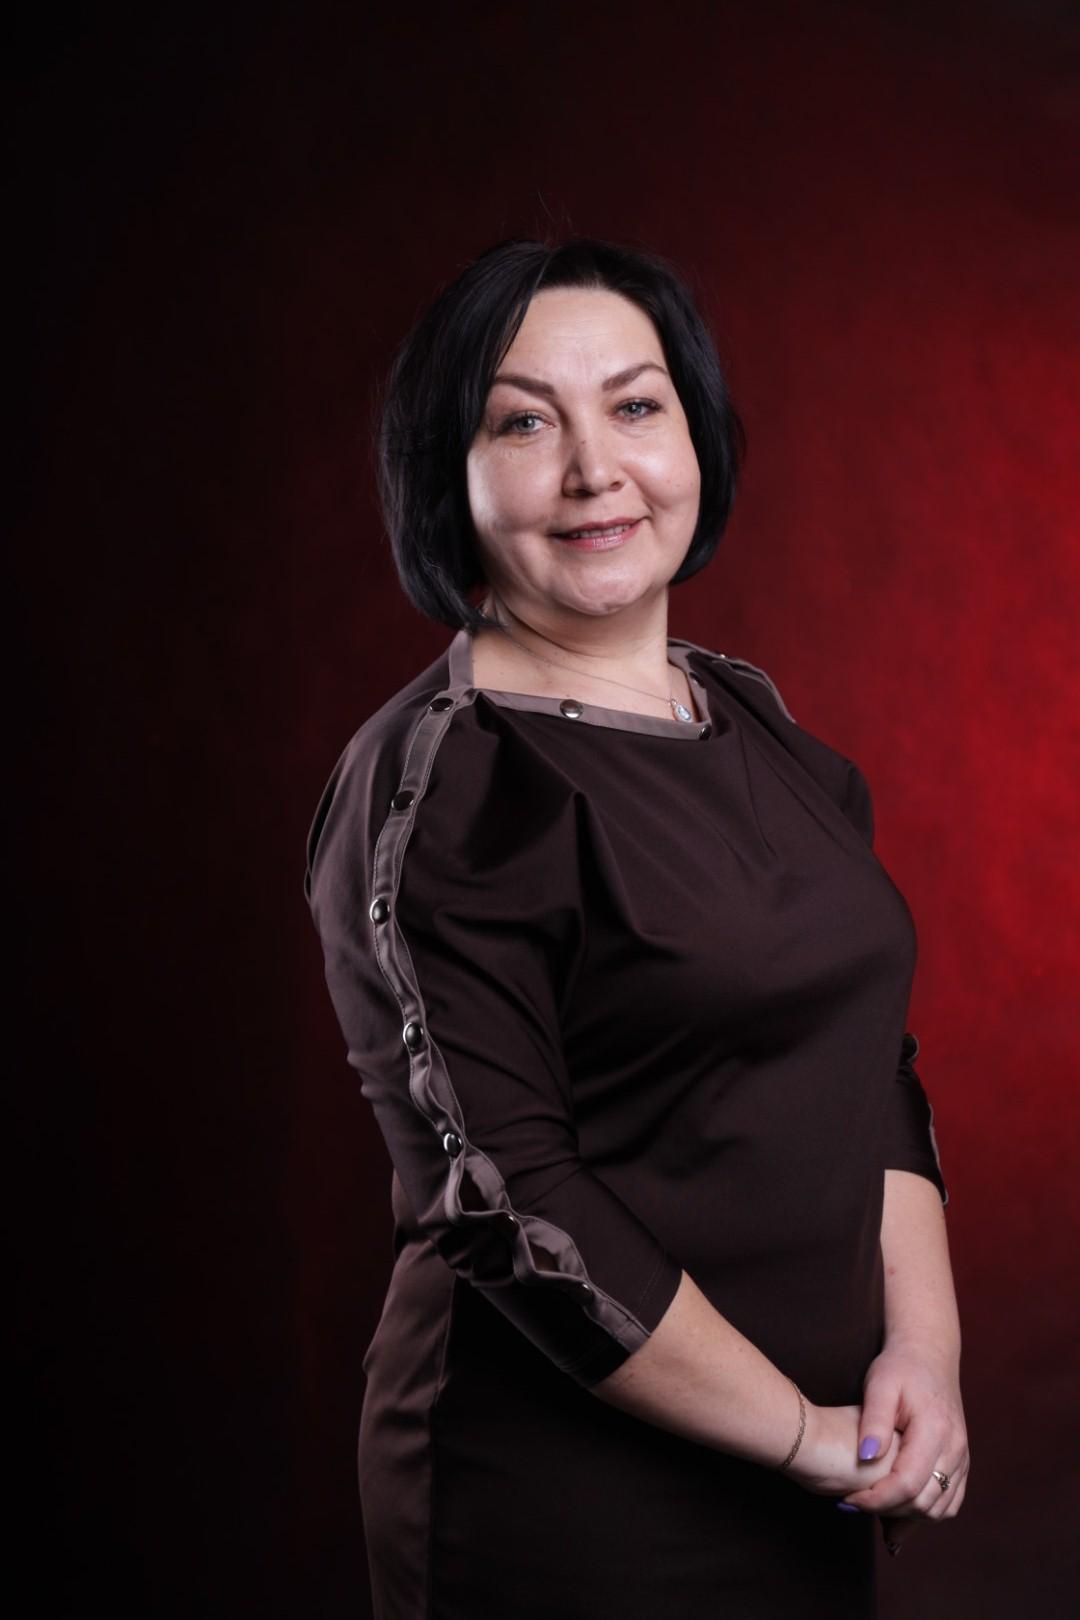 Макшанцева Олеся Наримановна